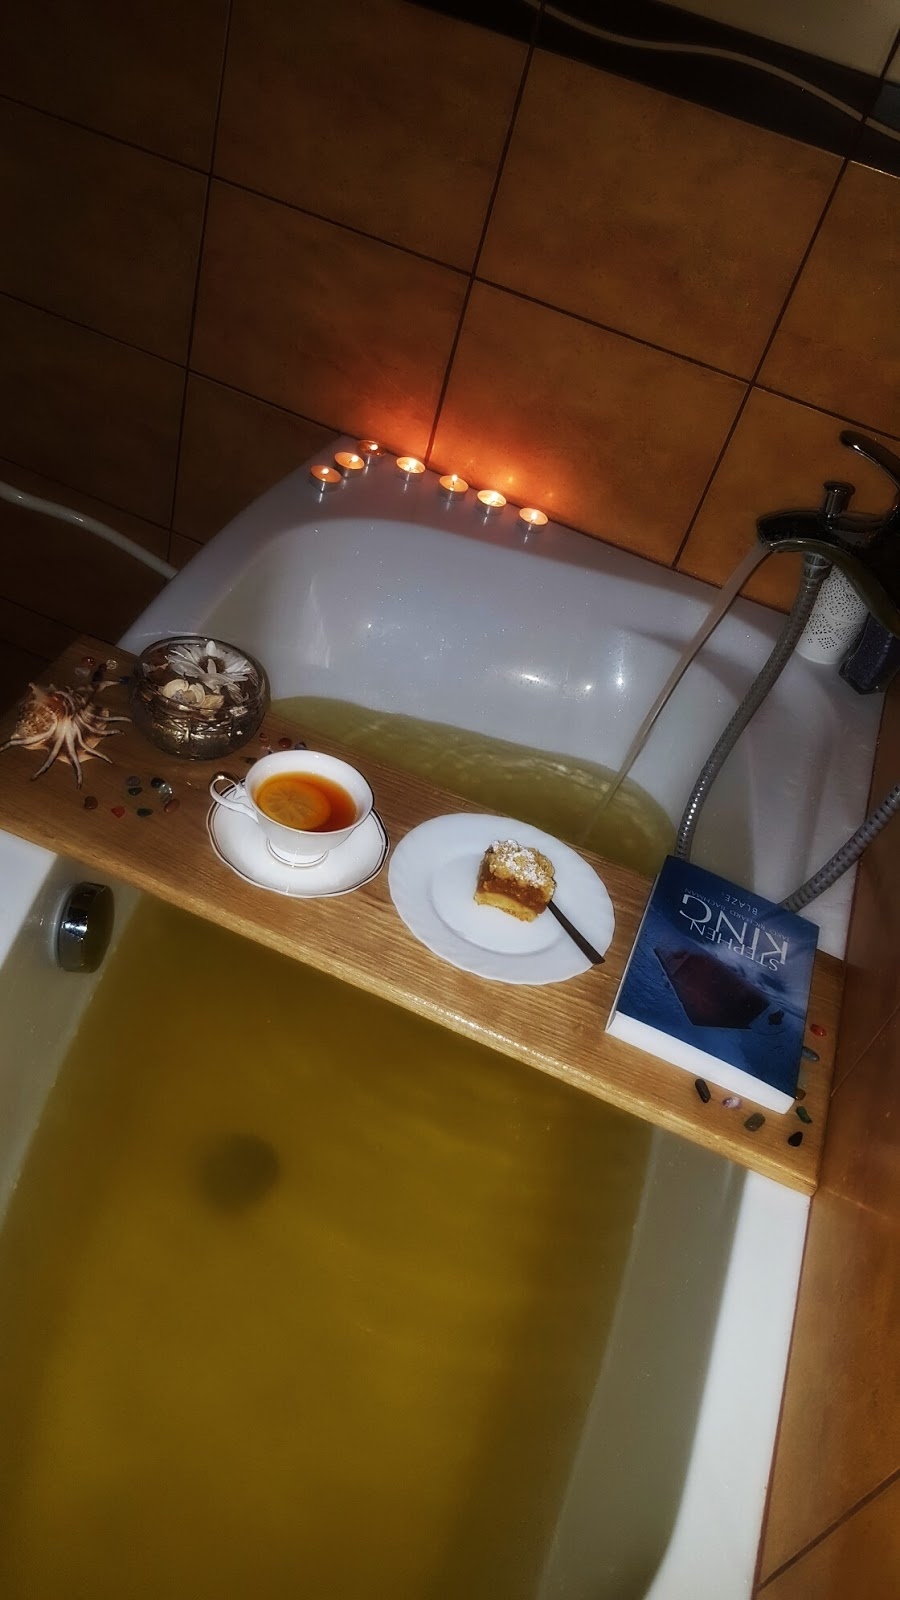 Jak urządzić sobie relaksującą kąpiel, niczym w SPA?